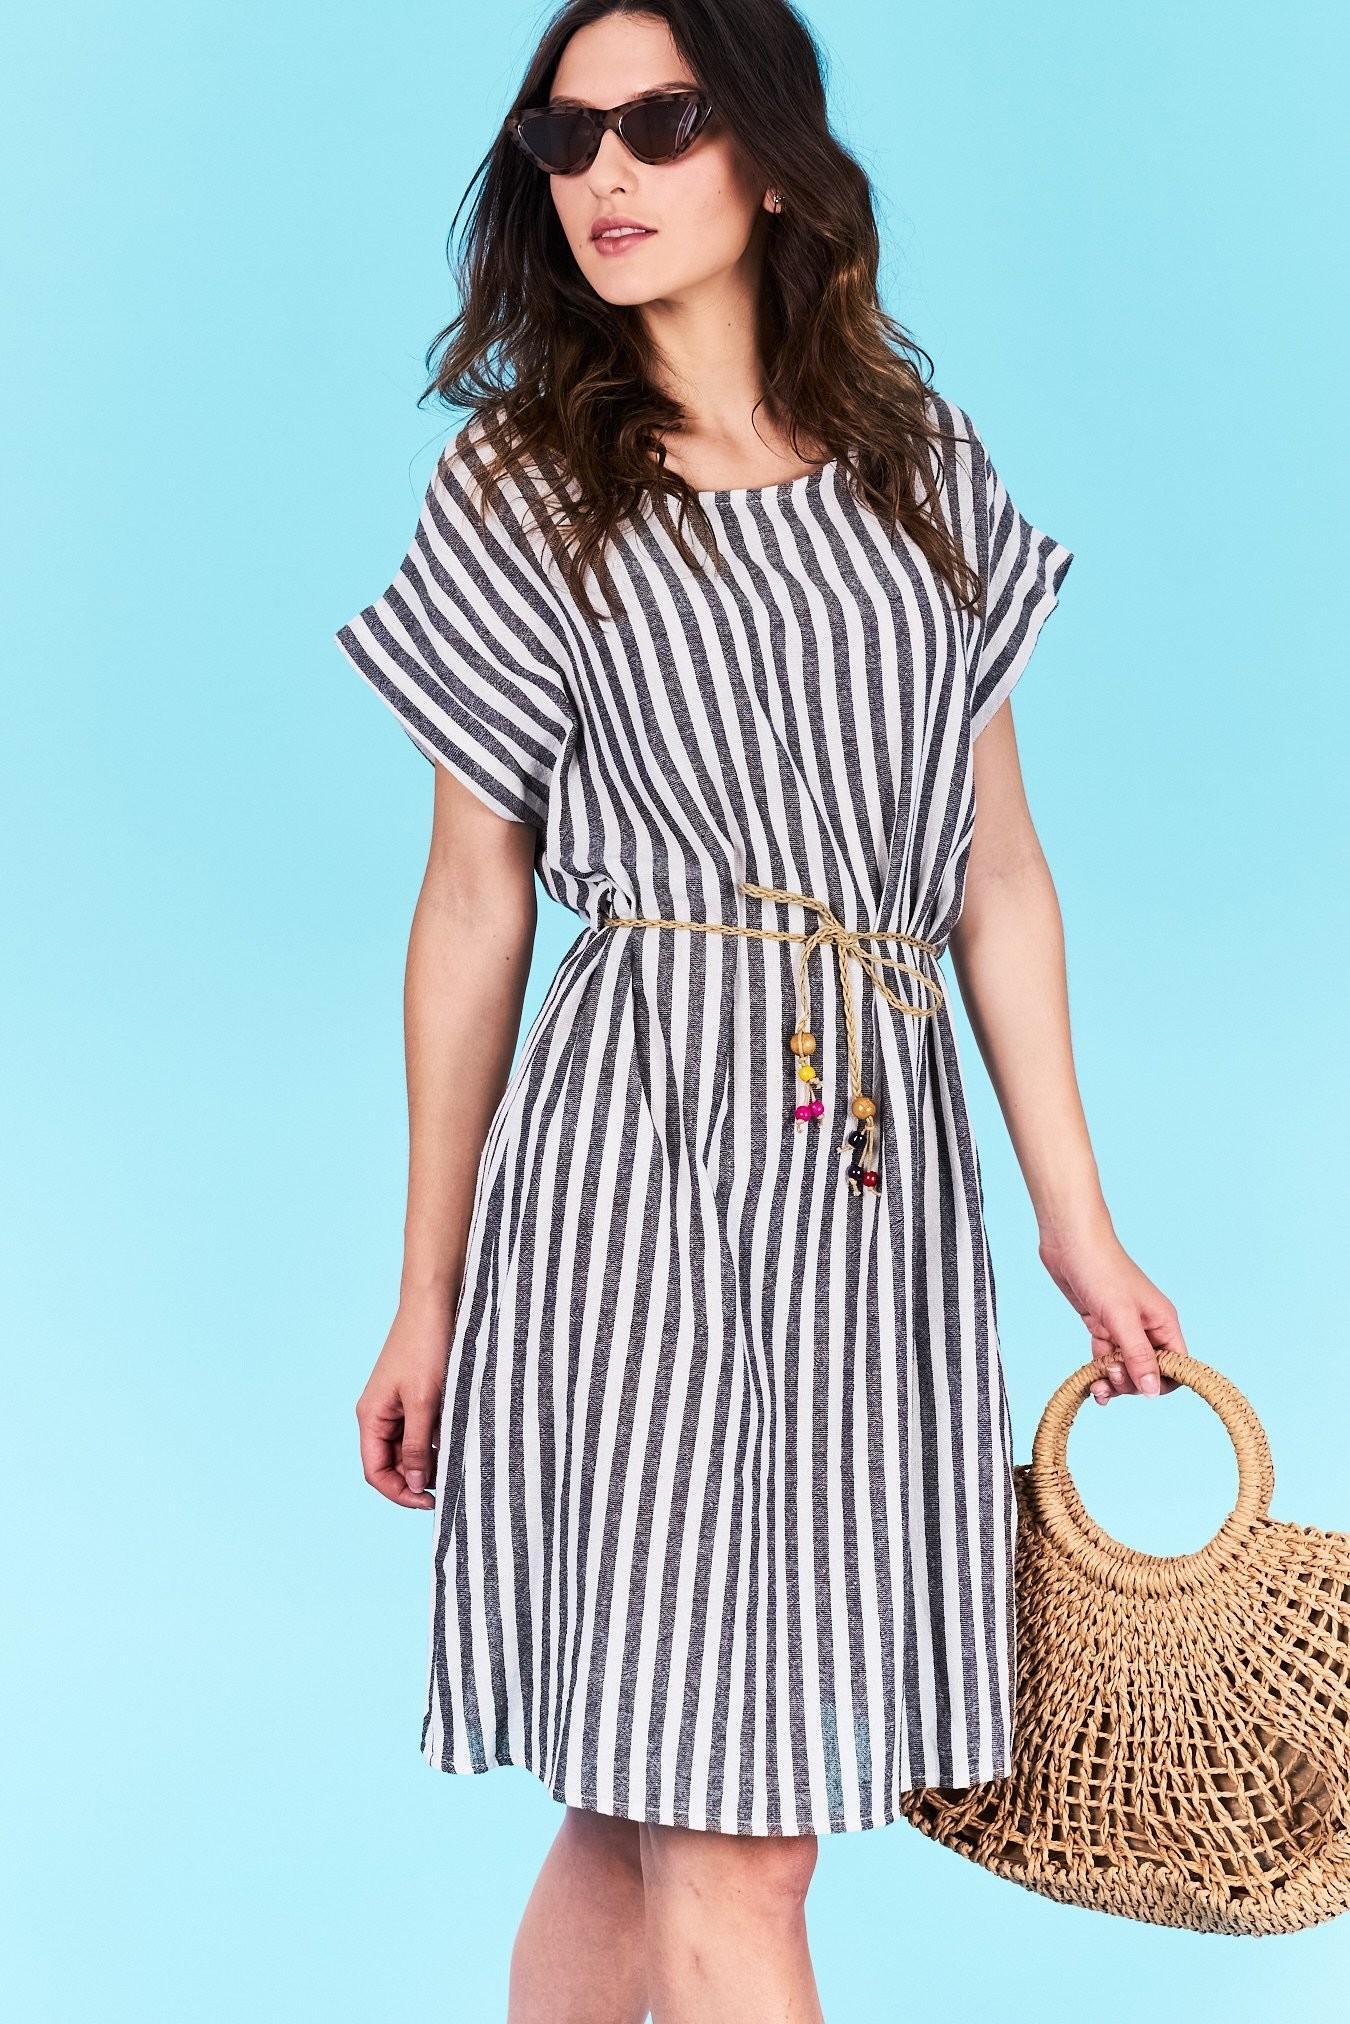 Dámske pruhované šaty čierne Norah Veľkosť UNI-verzálna Vyrobené z  príjemného materiálu. Pohodlné šaty 5f8ded579c5